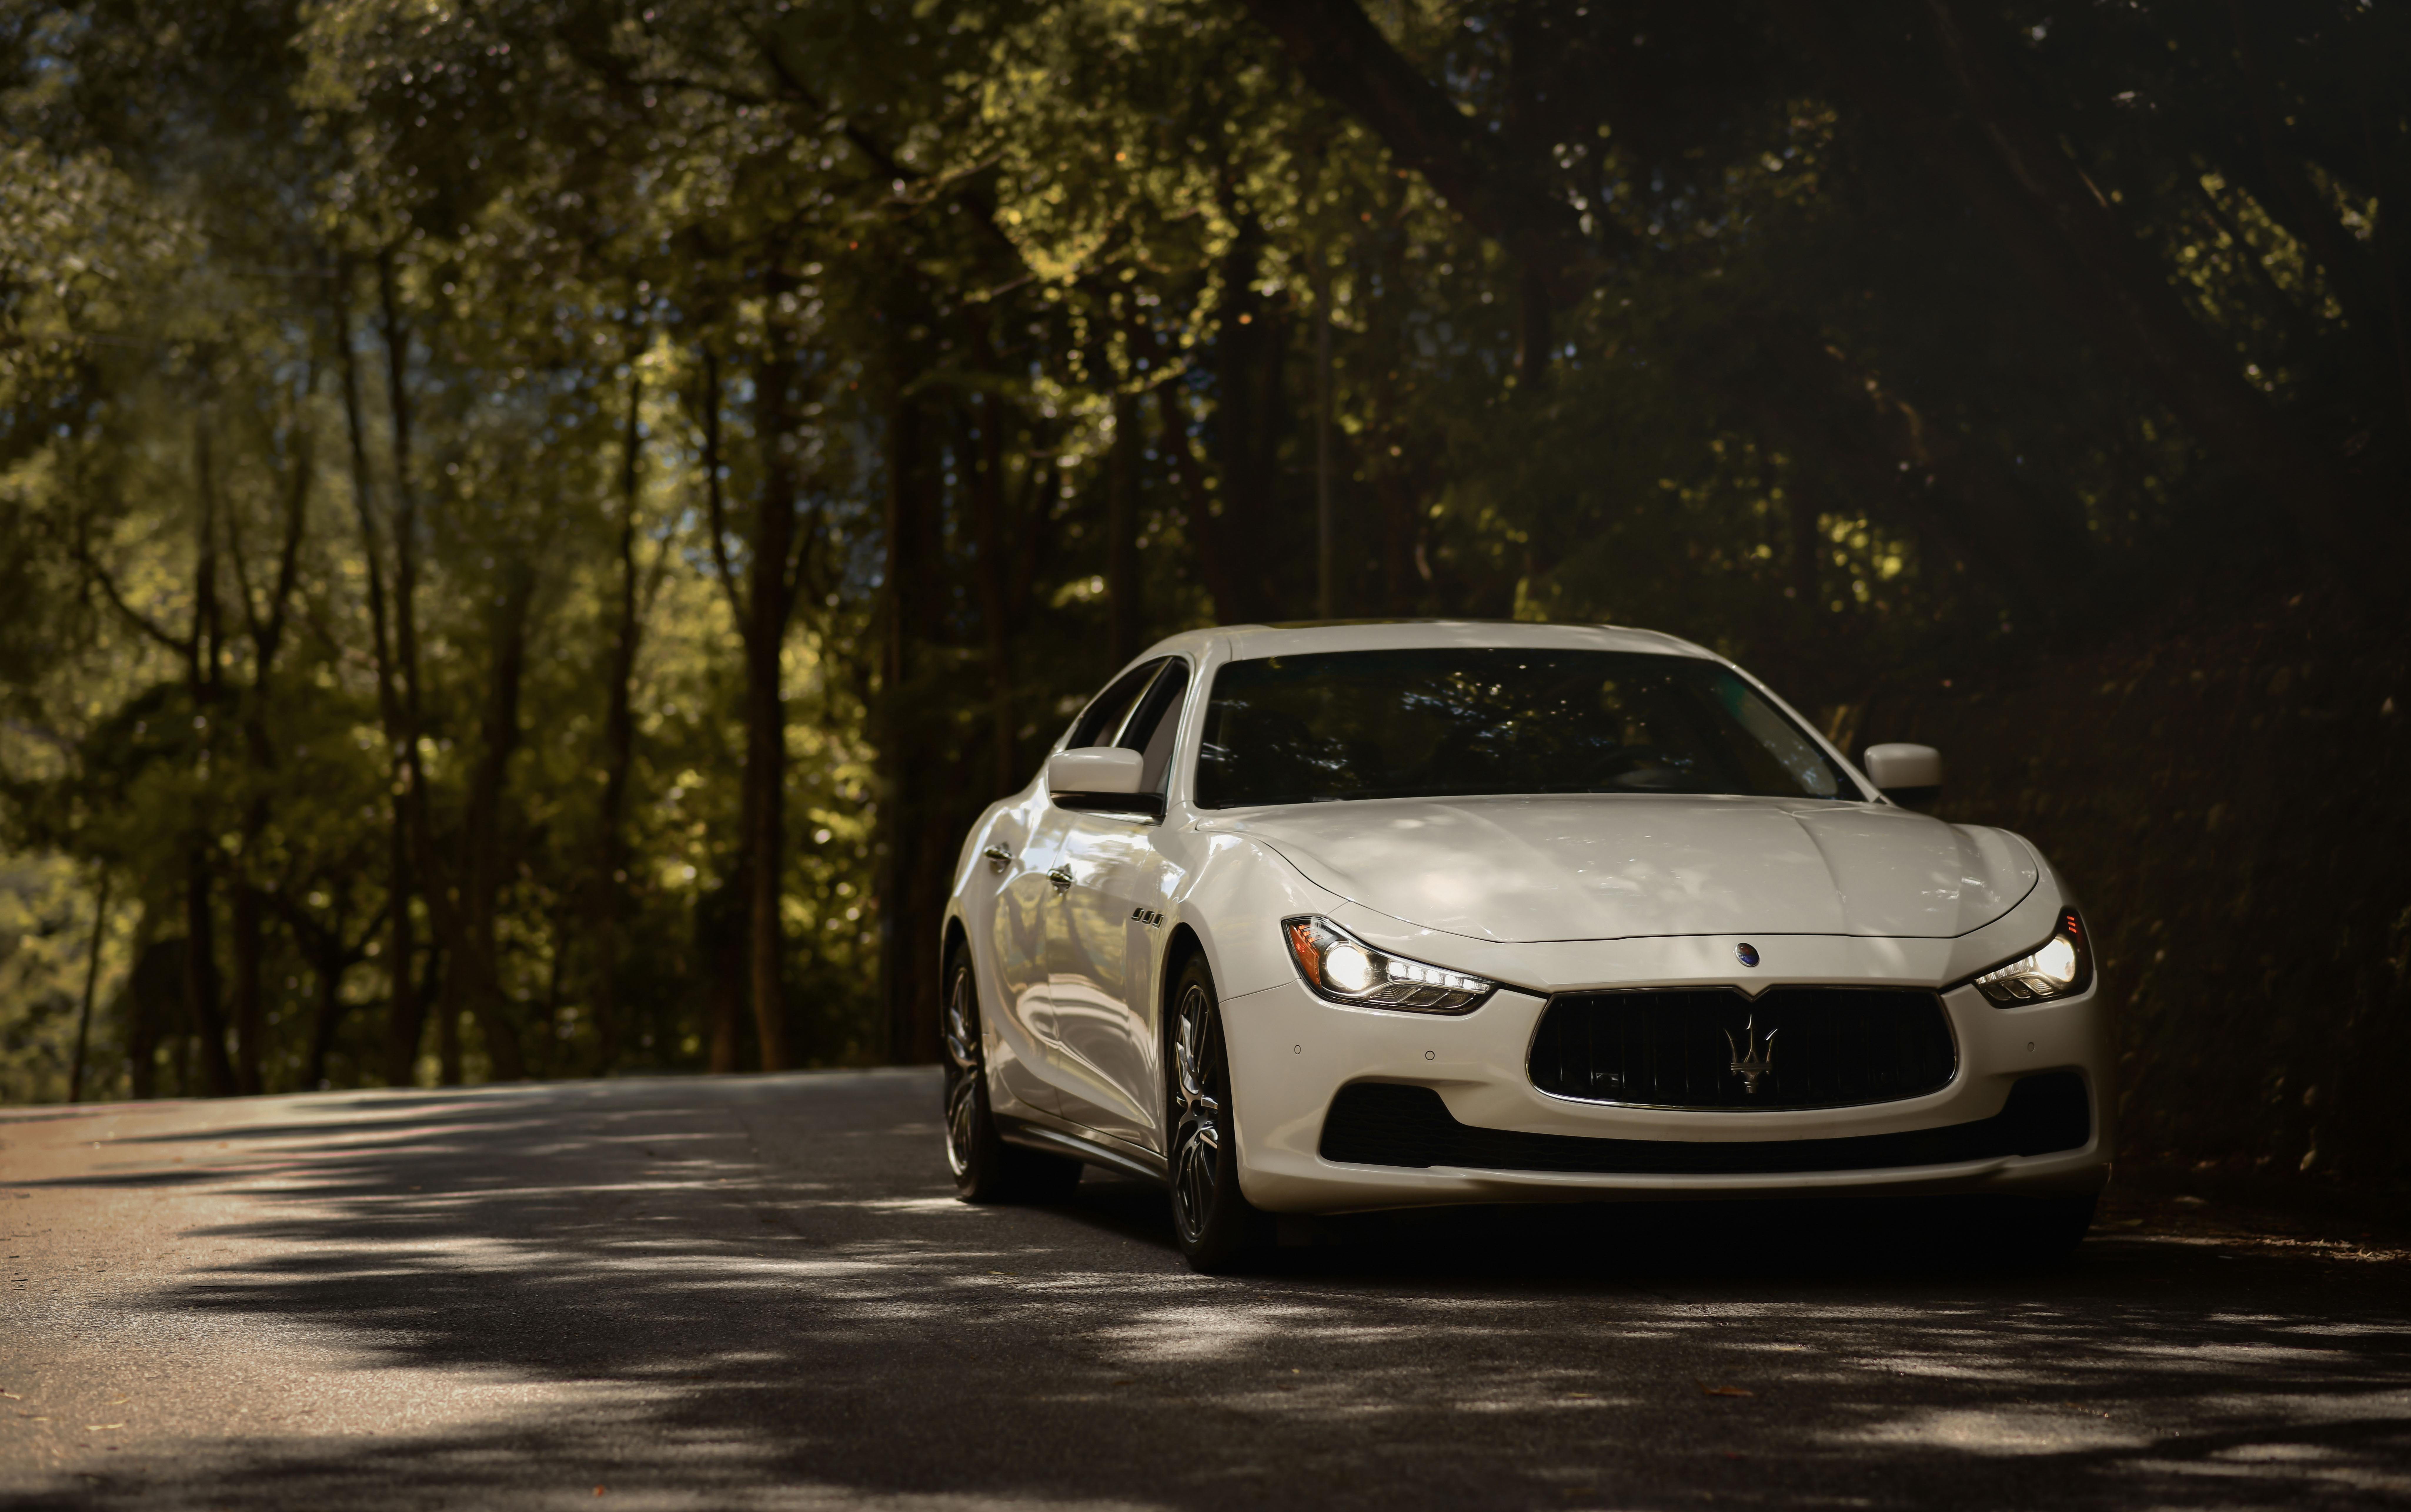 115682 Hintergrundbild herunterladen Auto, Maserati, Cars, Straße, Vorderansicht, Frontansicht, Maschine, Maserati Ghibli - Bildschirmschoner und Bilder kostenlos